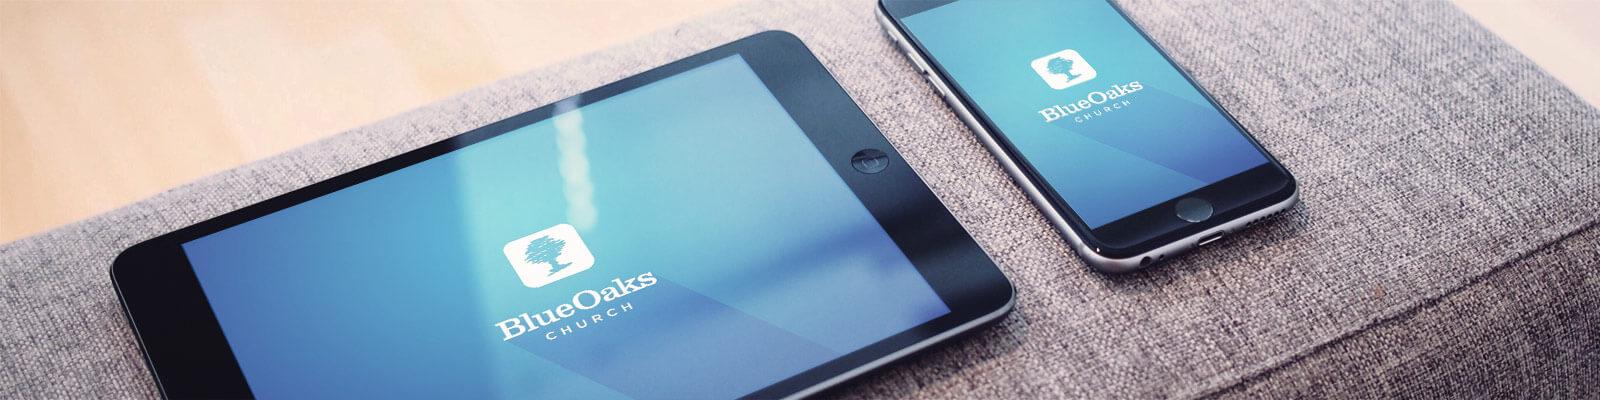 blue oaks mobile app